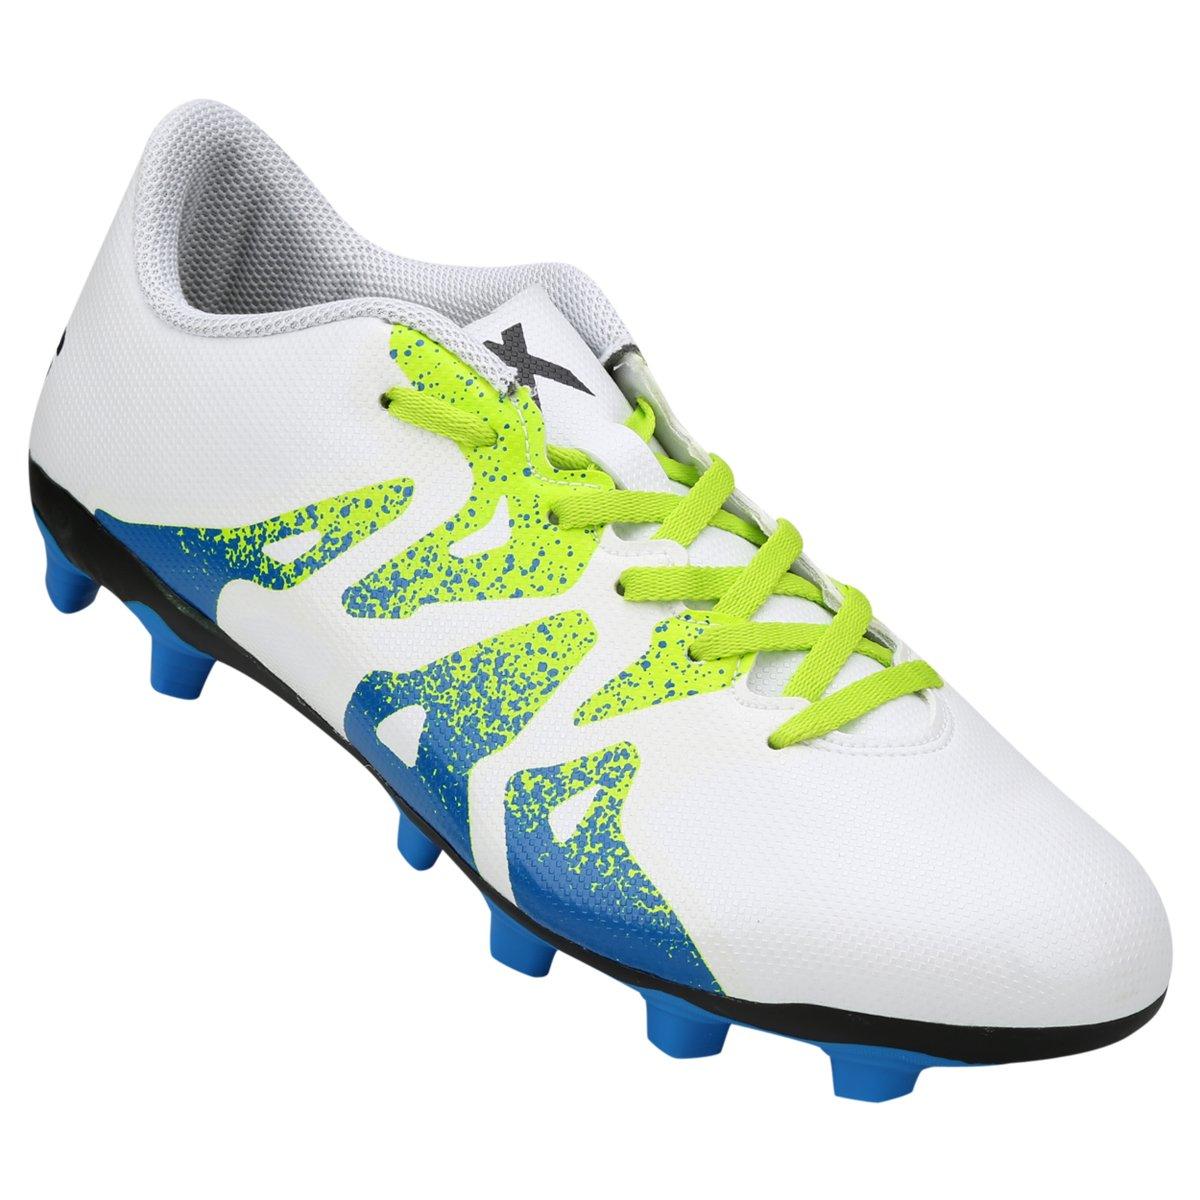 Chuteira Adidas X 15 4 FXG Campo - Compre Agora  8dcff942a7283